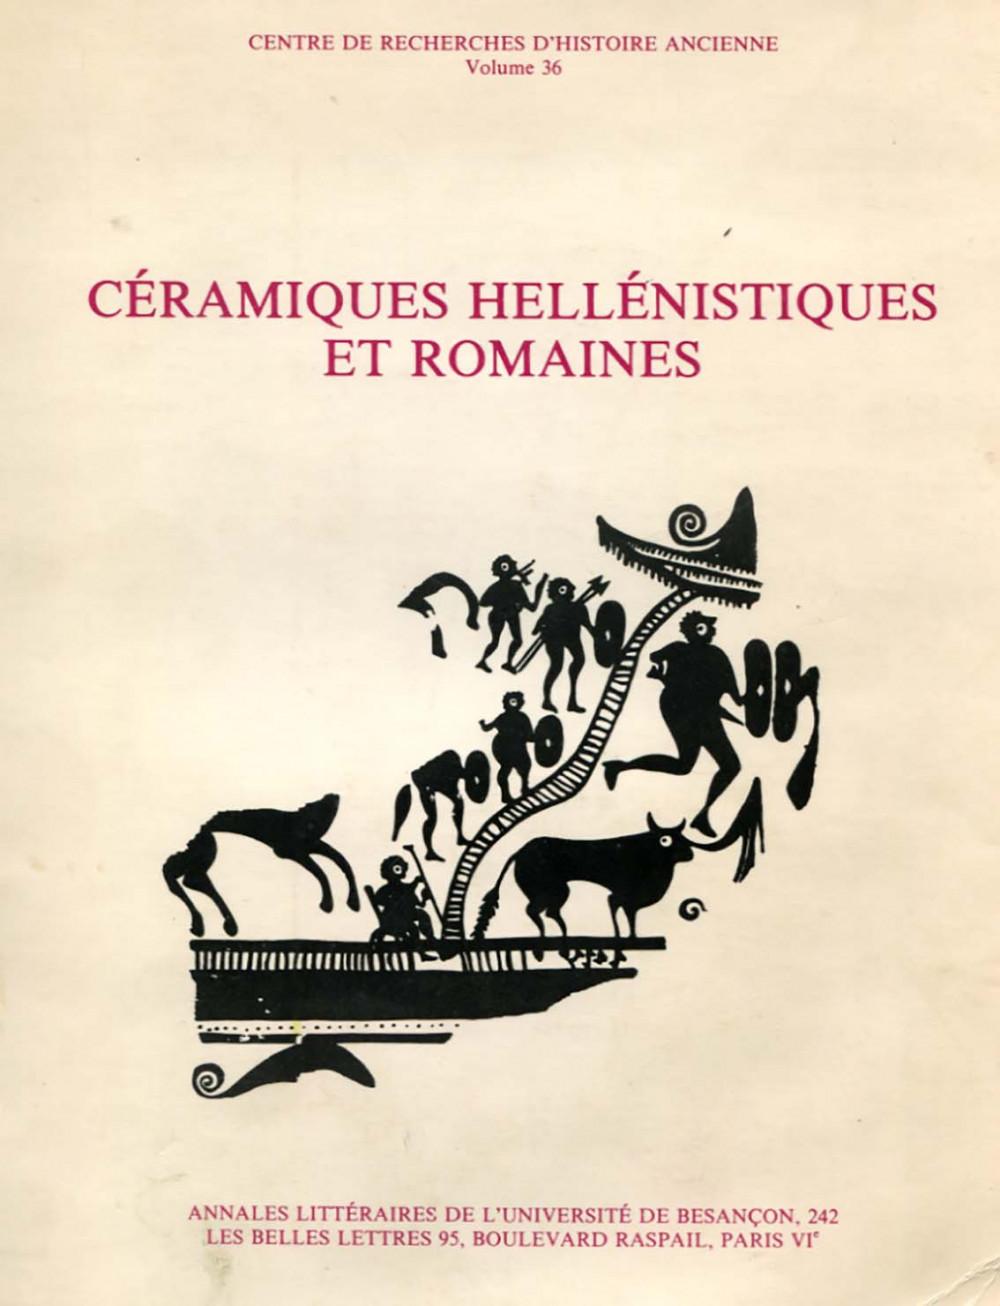 Céramiques hellénistiques et romaines